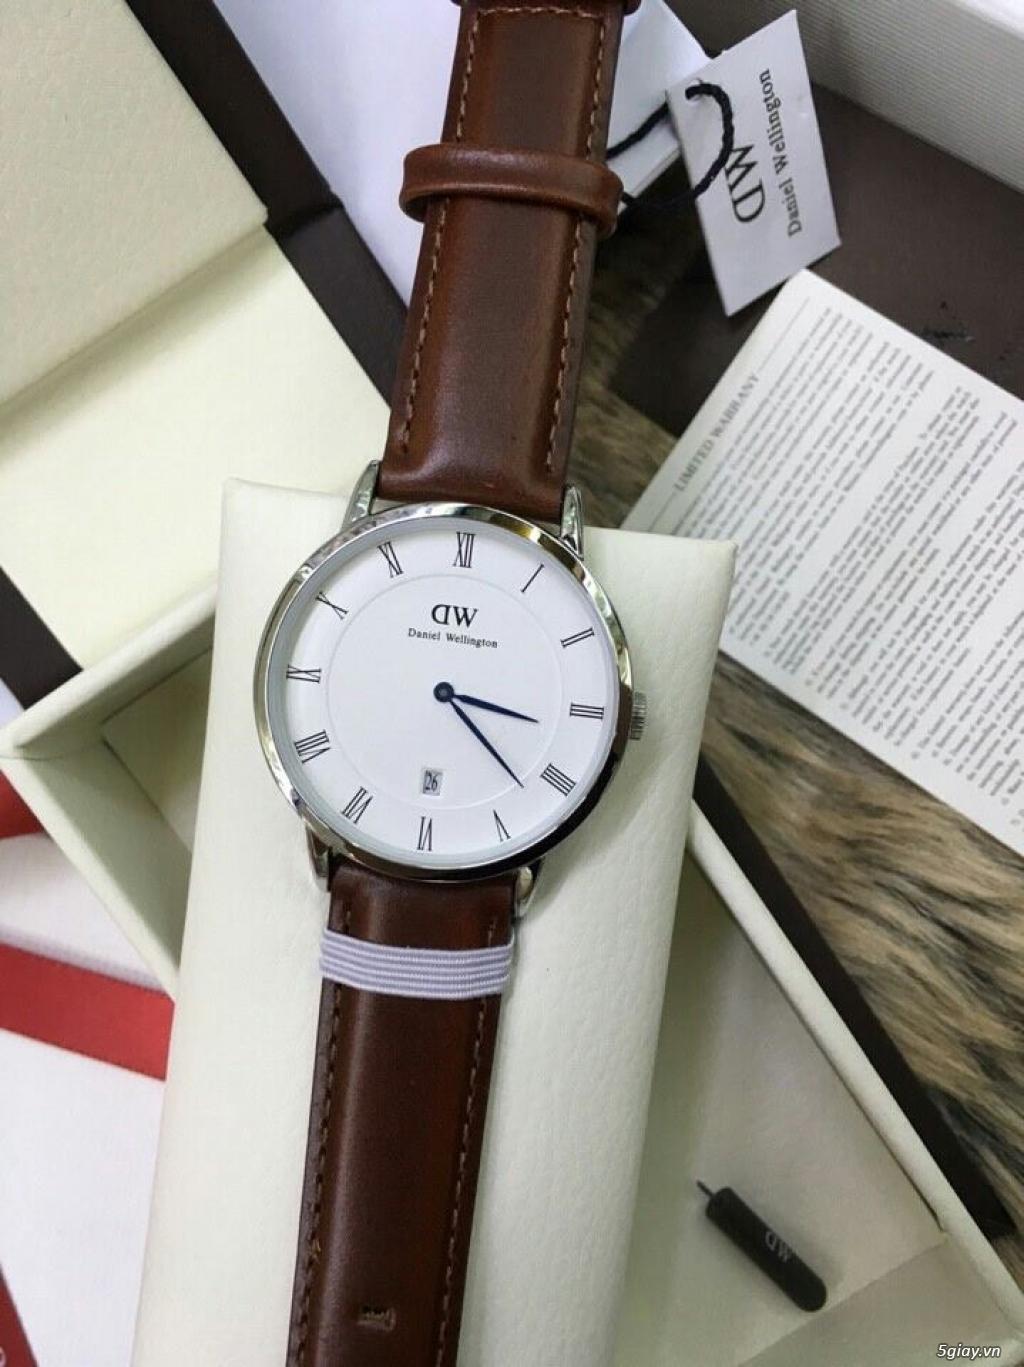 Đồng hồ Daniel Wellington (DW) - chính hãng 100%